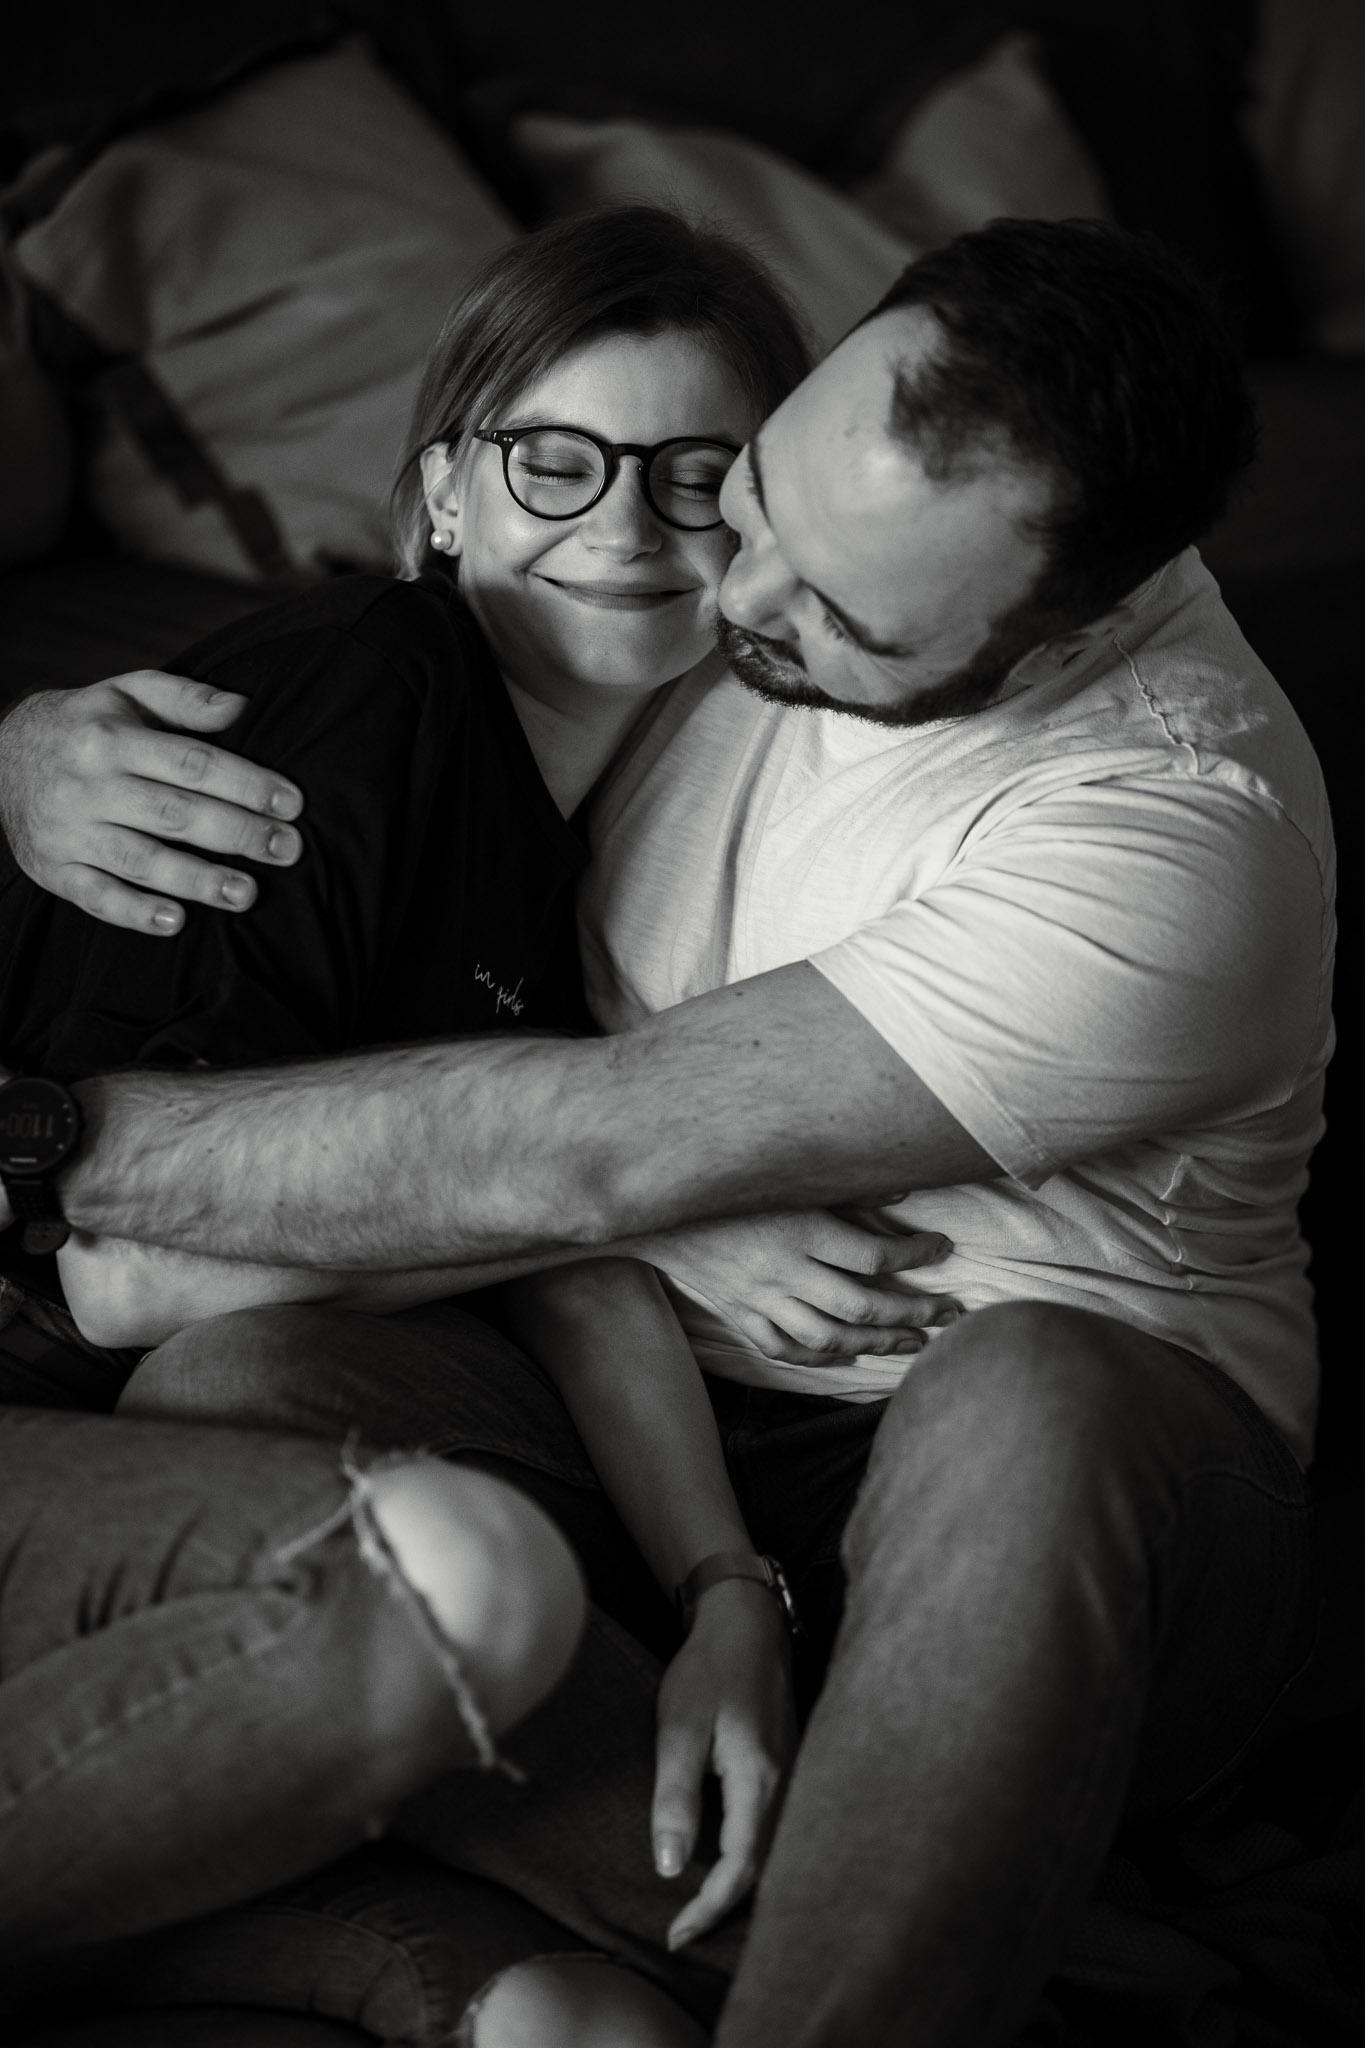 Paarfotos zu Hause - Homestory mit Sarah und Max in Worms 41